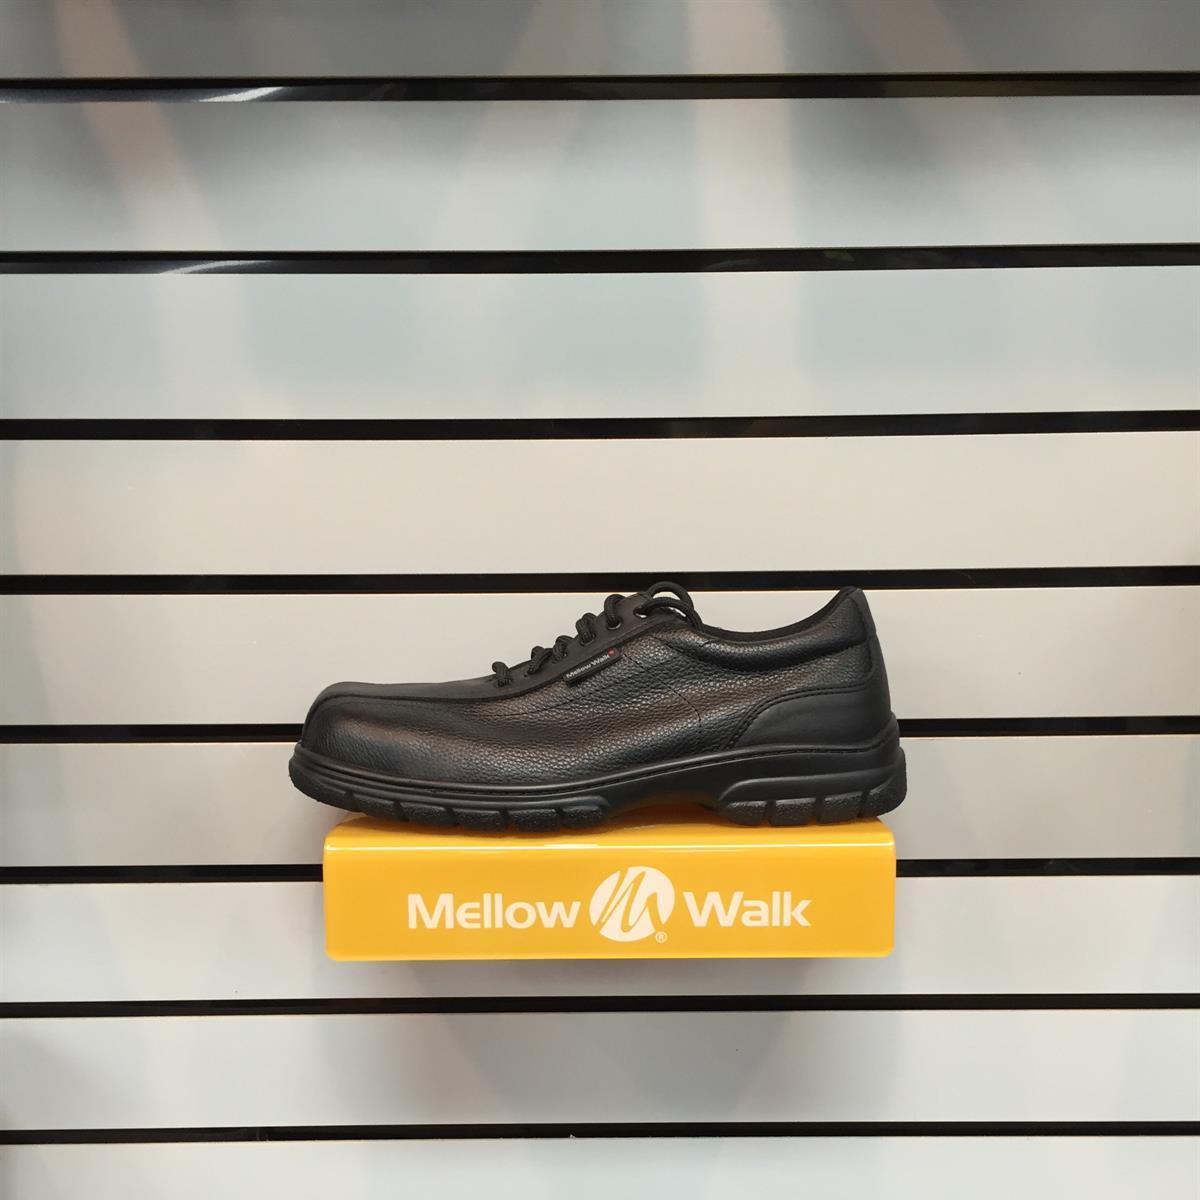 Mellow Walk Safety Toe Dress 570049